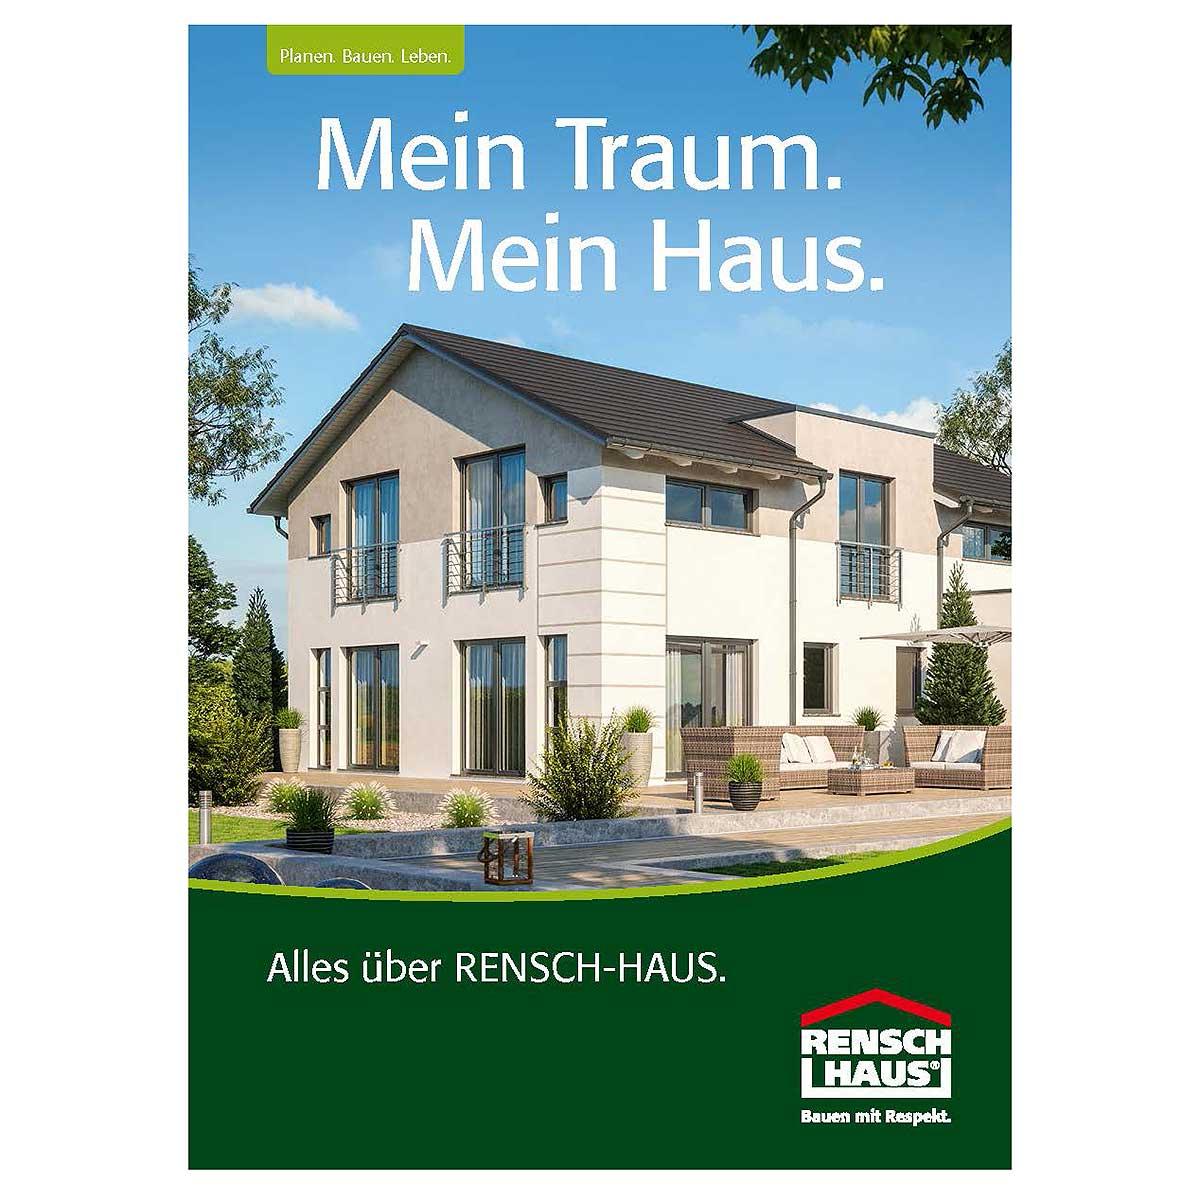 RENSCH-HAUS-Hauskatalog unverbindlich bestellen.